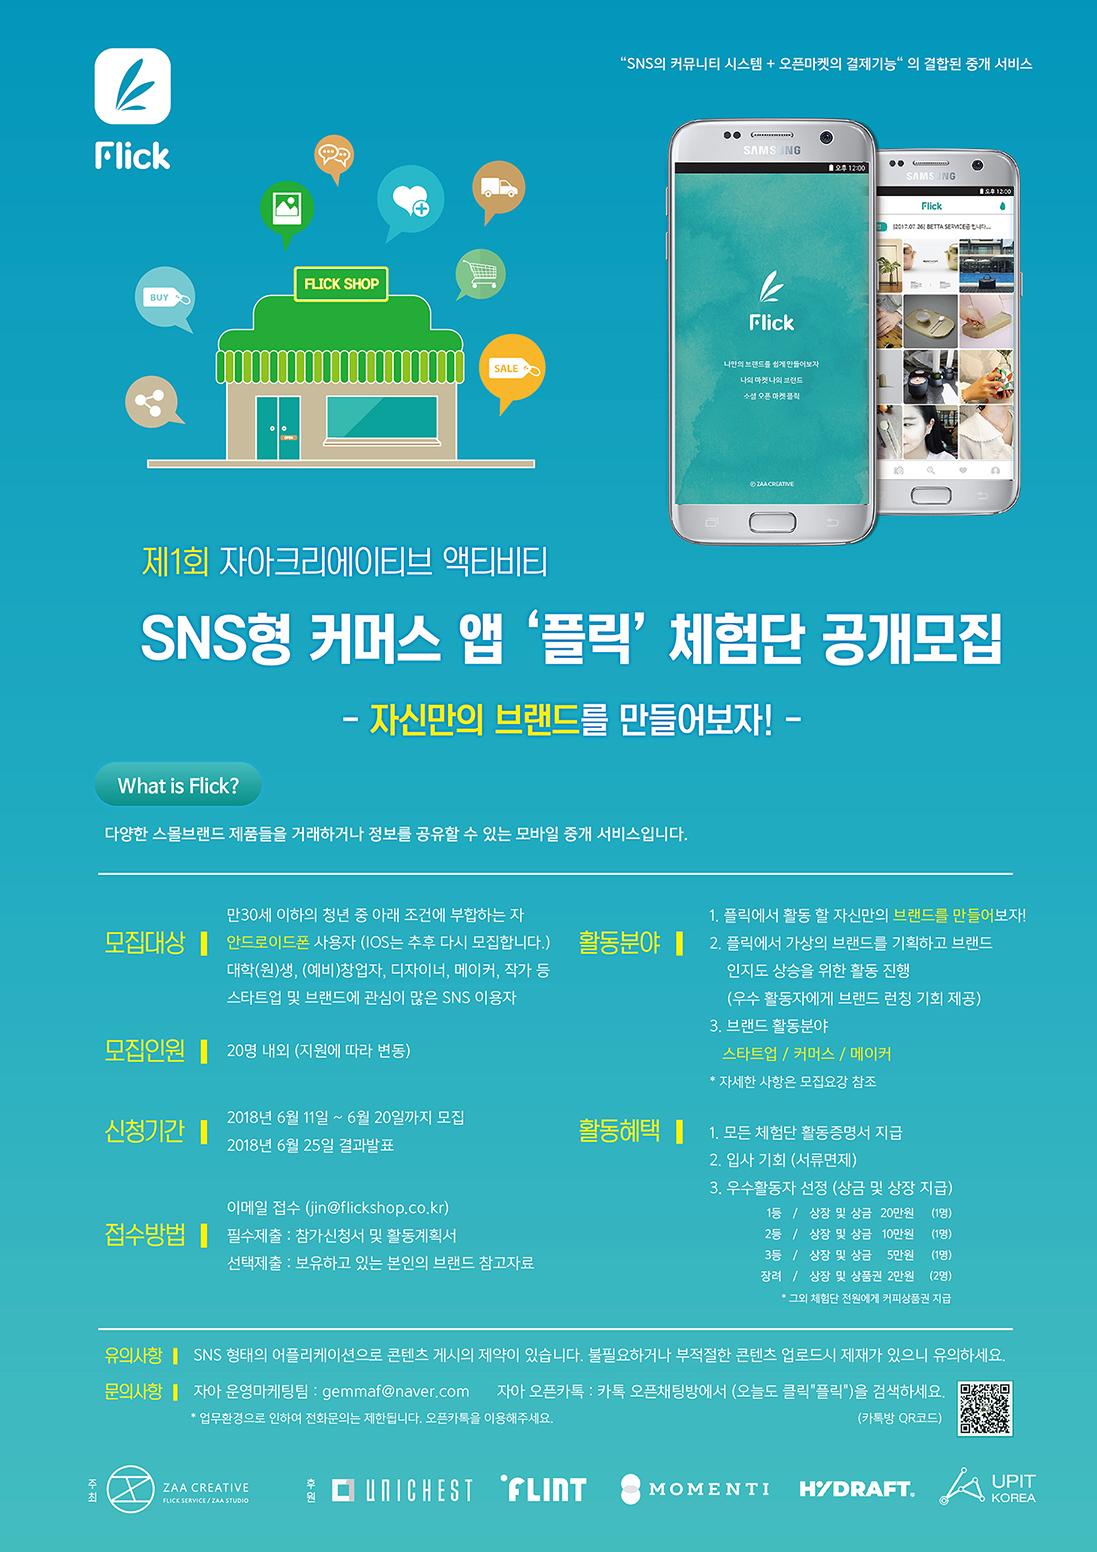 제1회 자아 크리에이티브 액티비티 SNS형 커머스 앱 '플릭' 체험단 공개모집